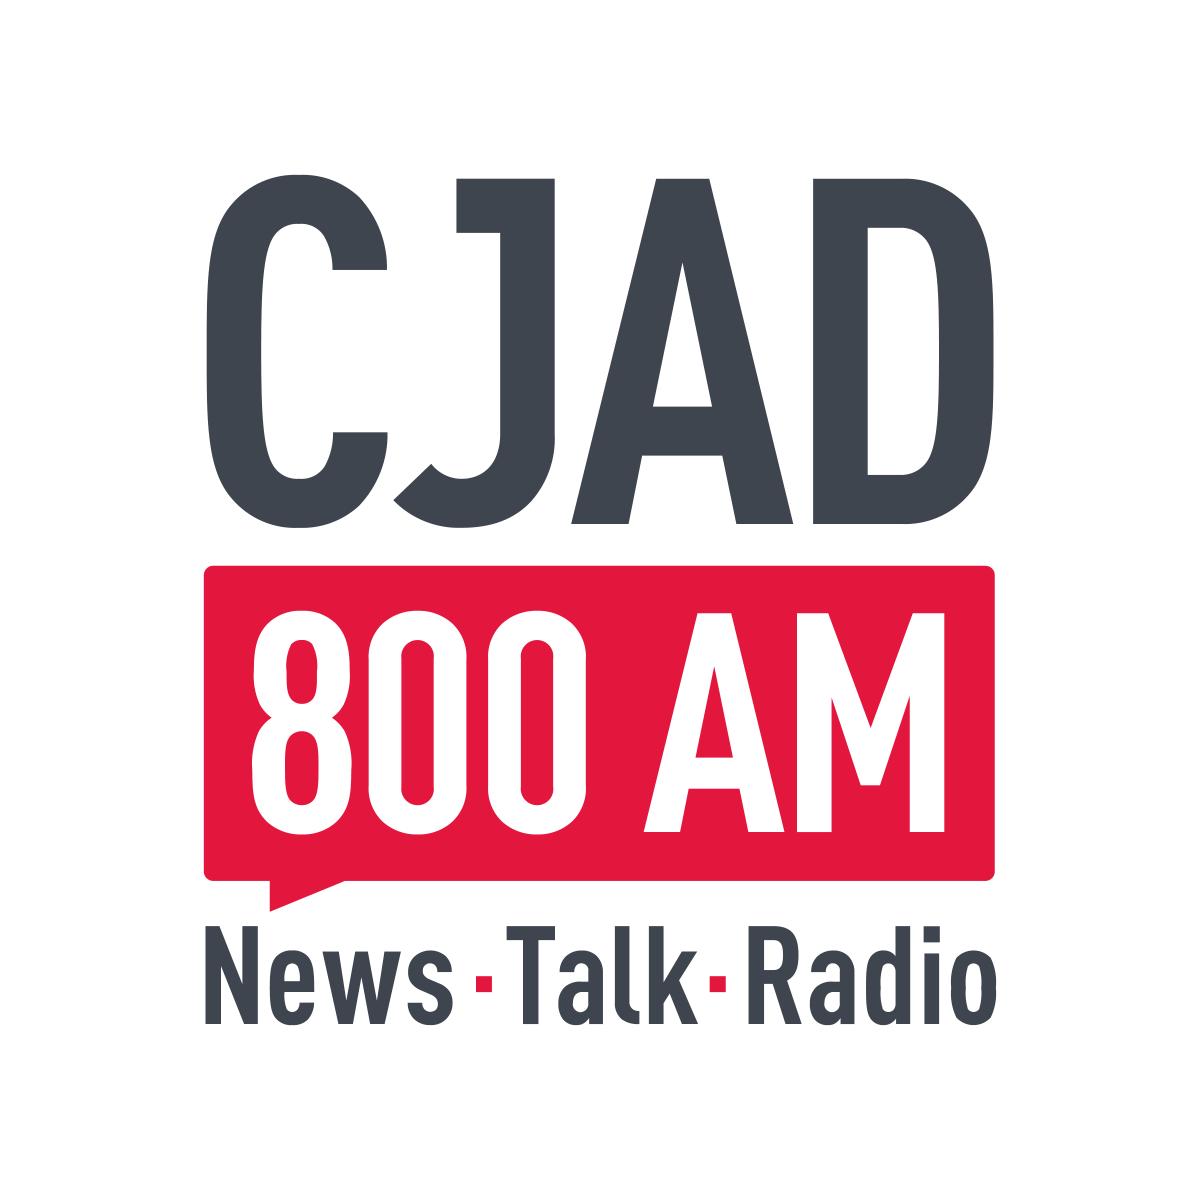 CJAD logo